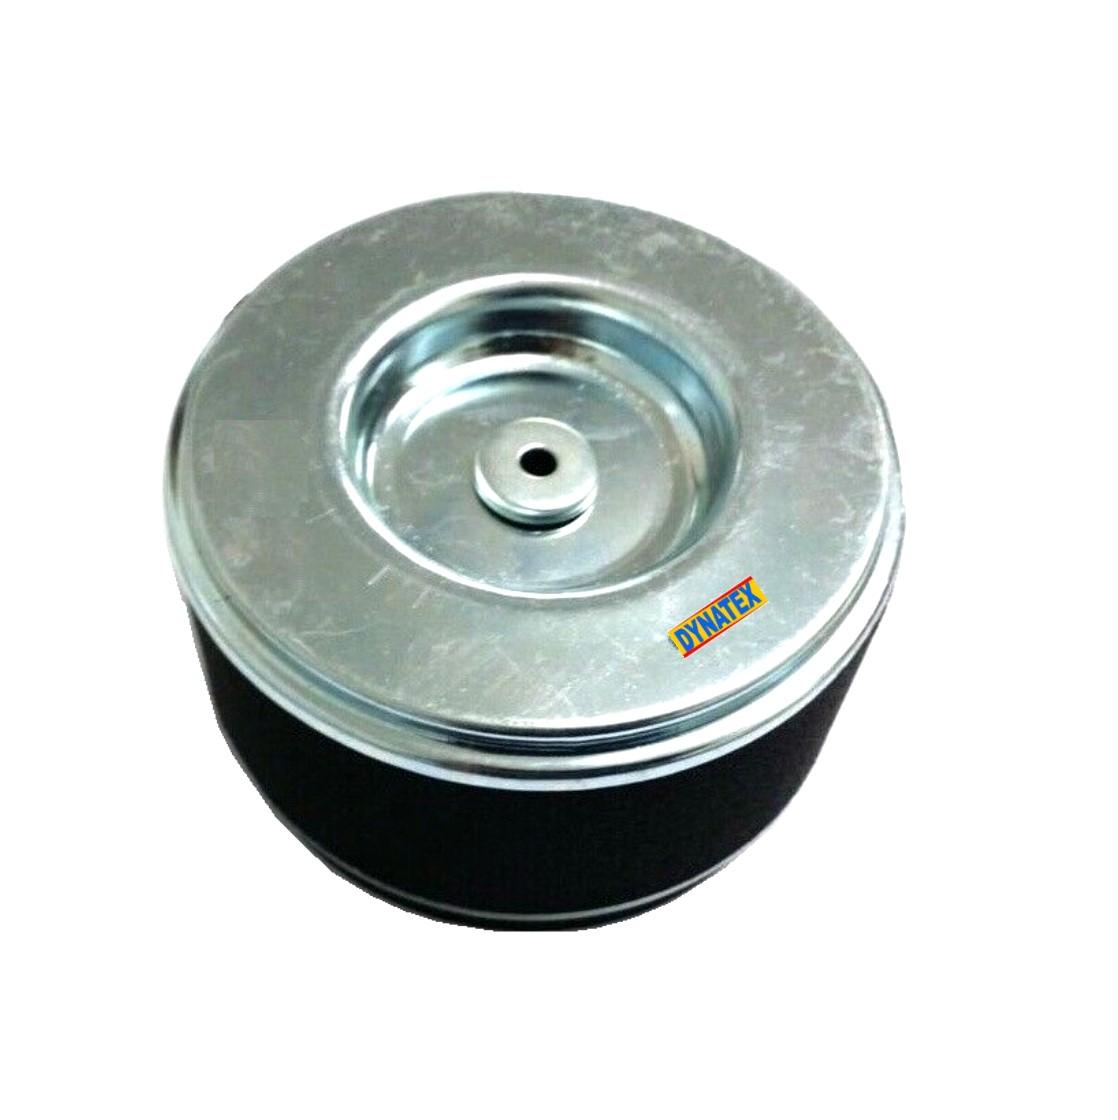 Air Filter Honda GD320 GD410 GD411 GD420 None Genuine Replaces 17210ZG3003